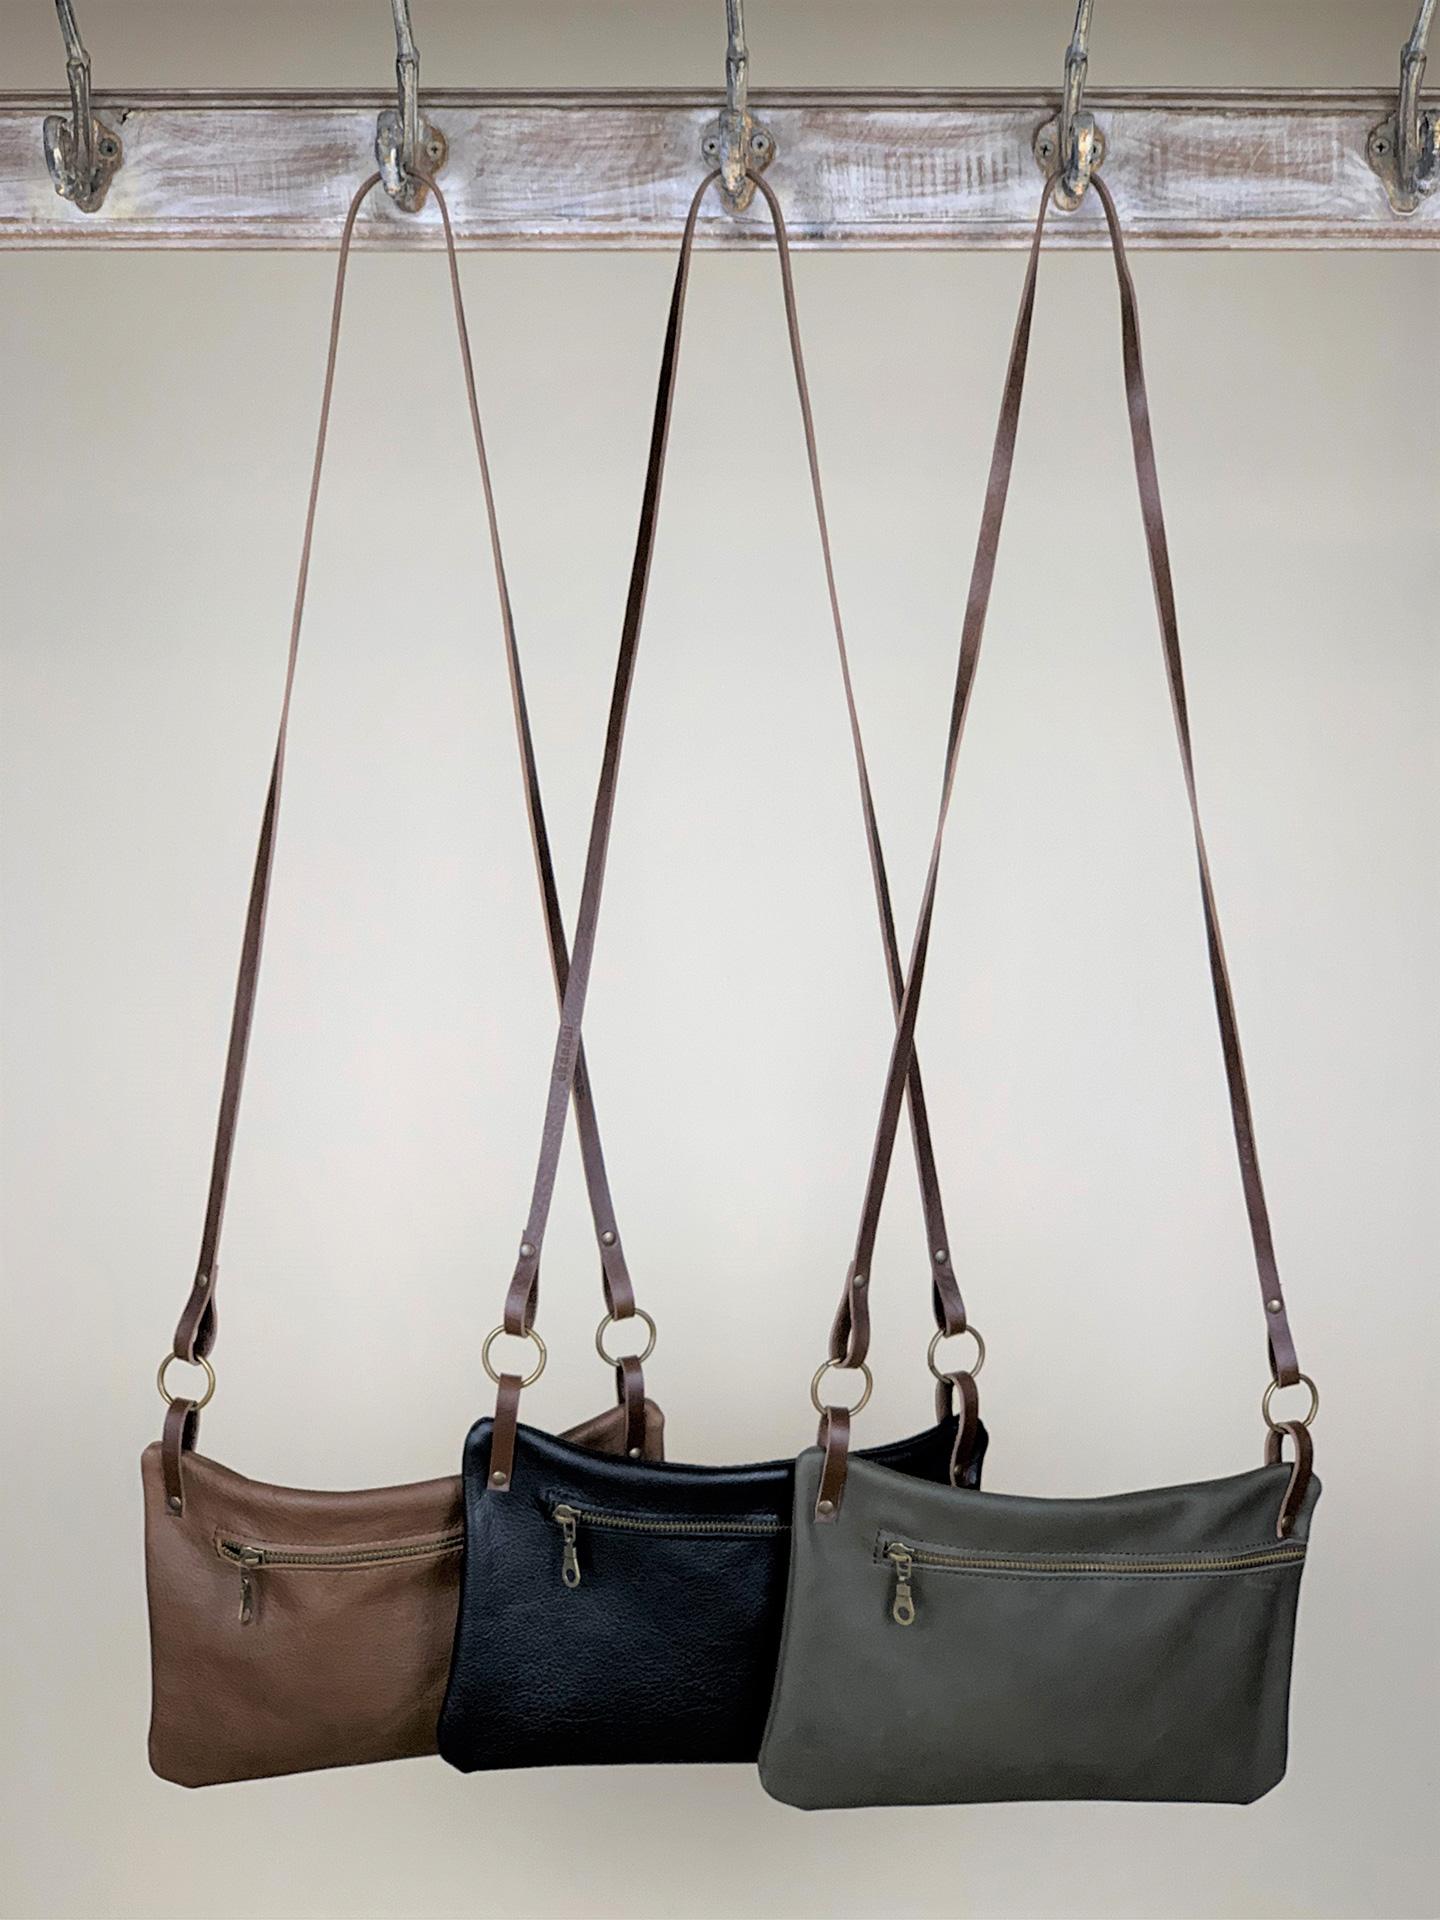 Damen-Handtasche klein Leder schwarz